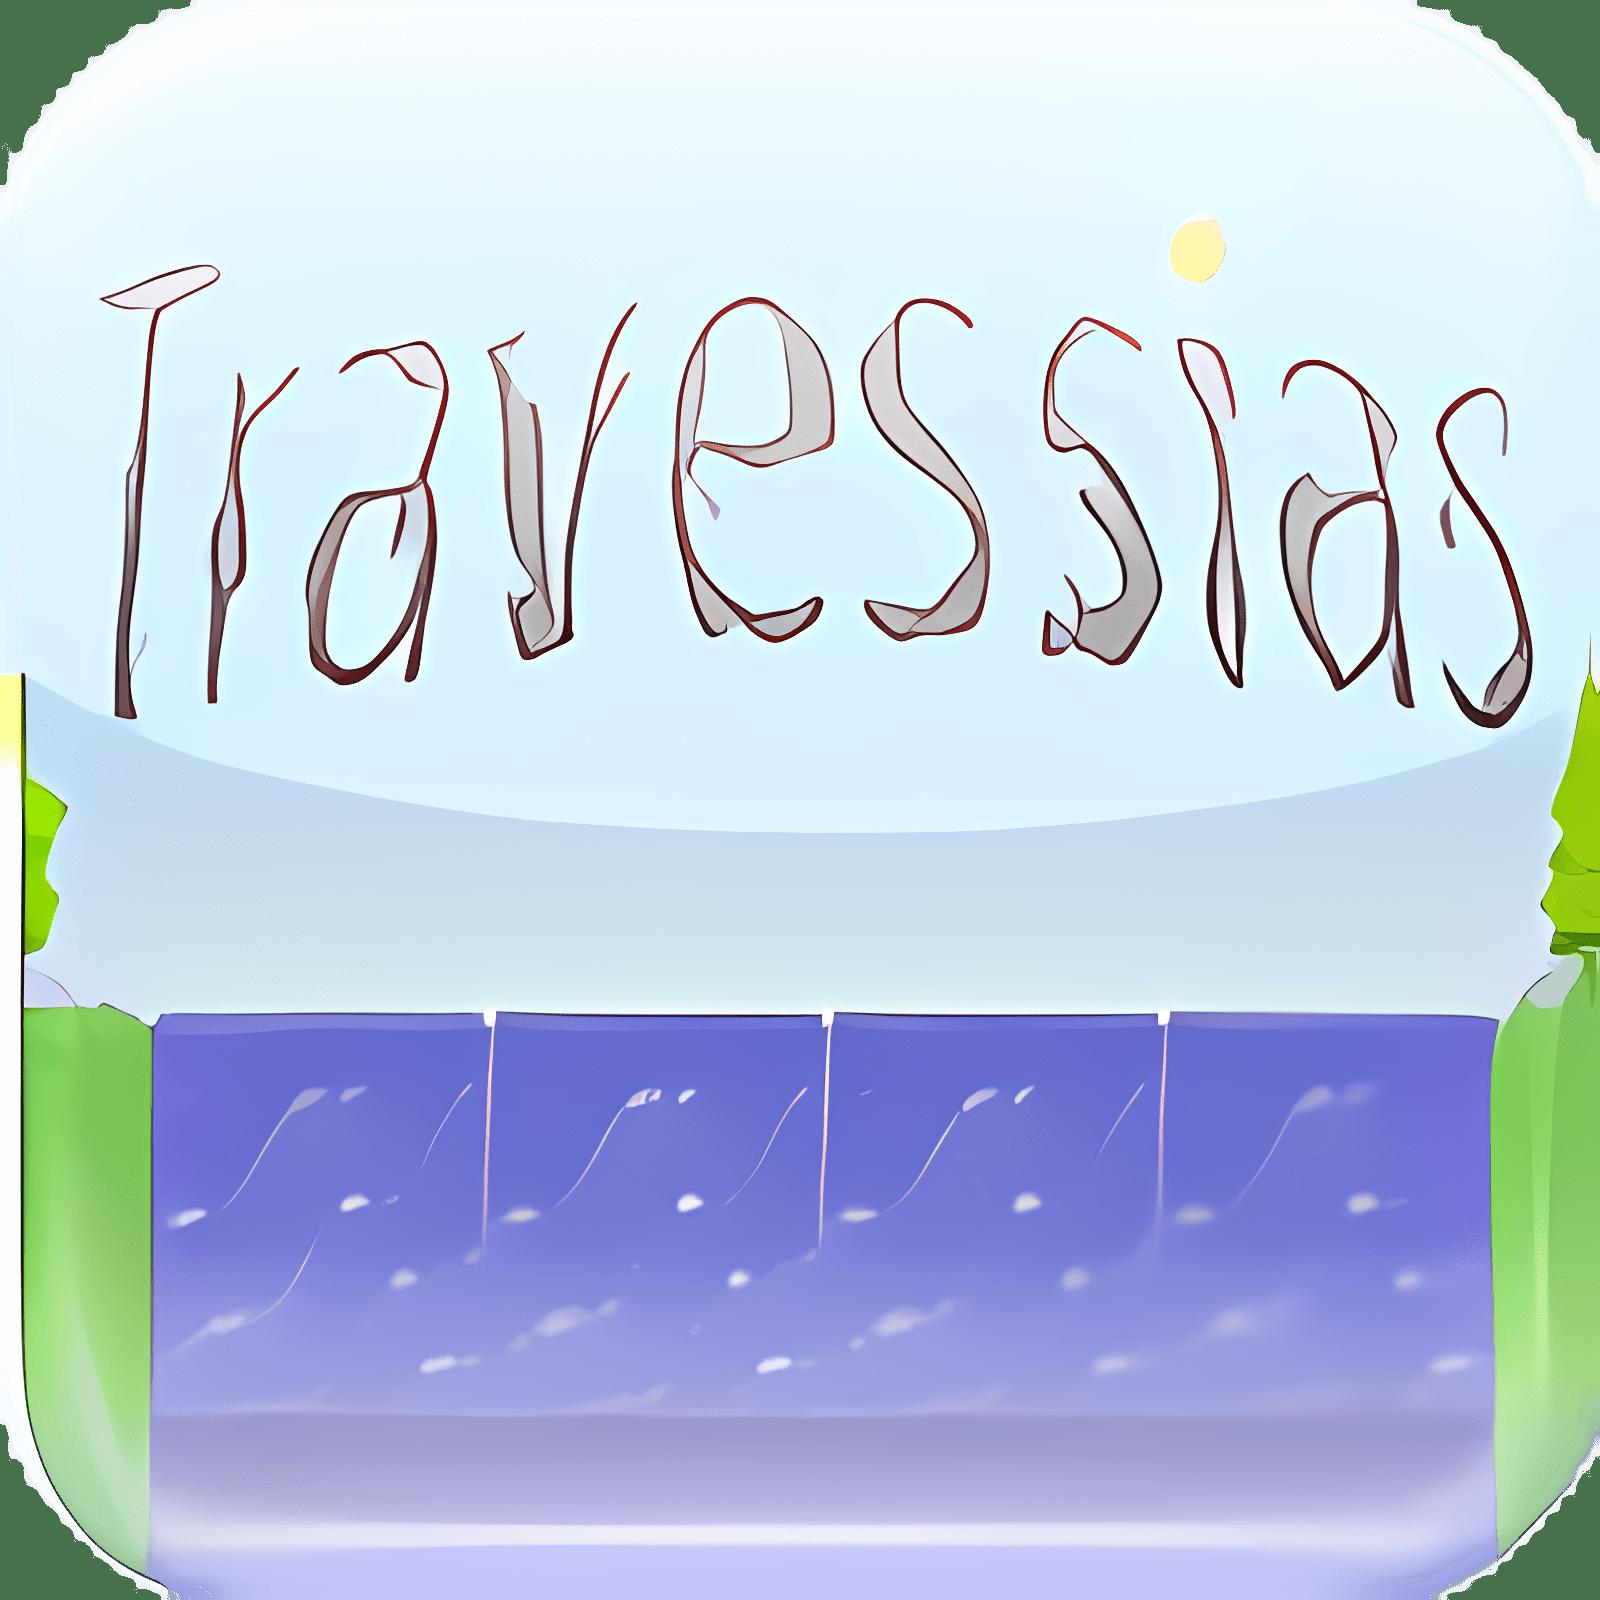 Travessias2